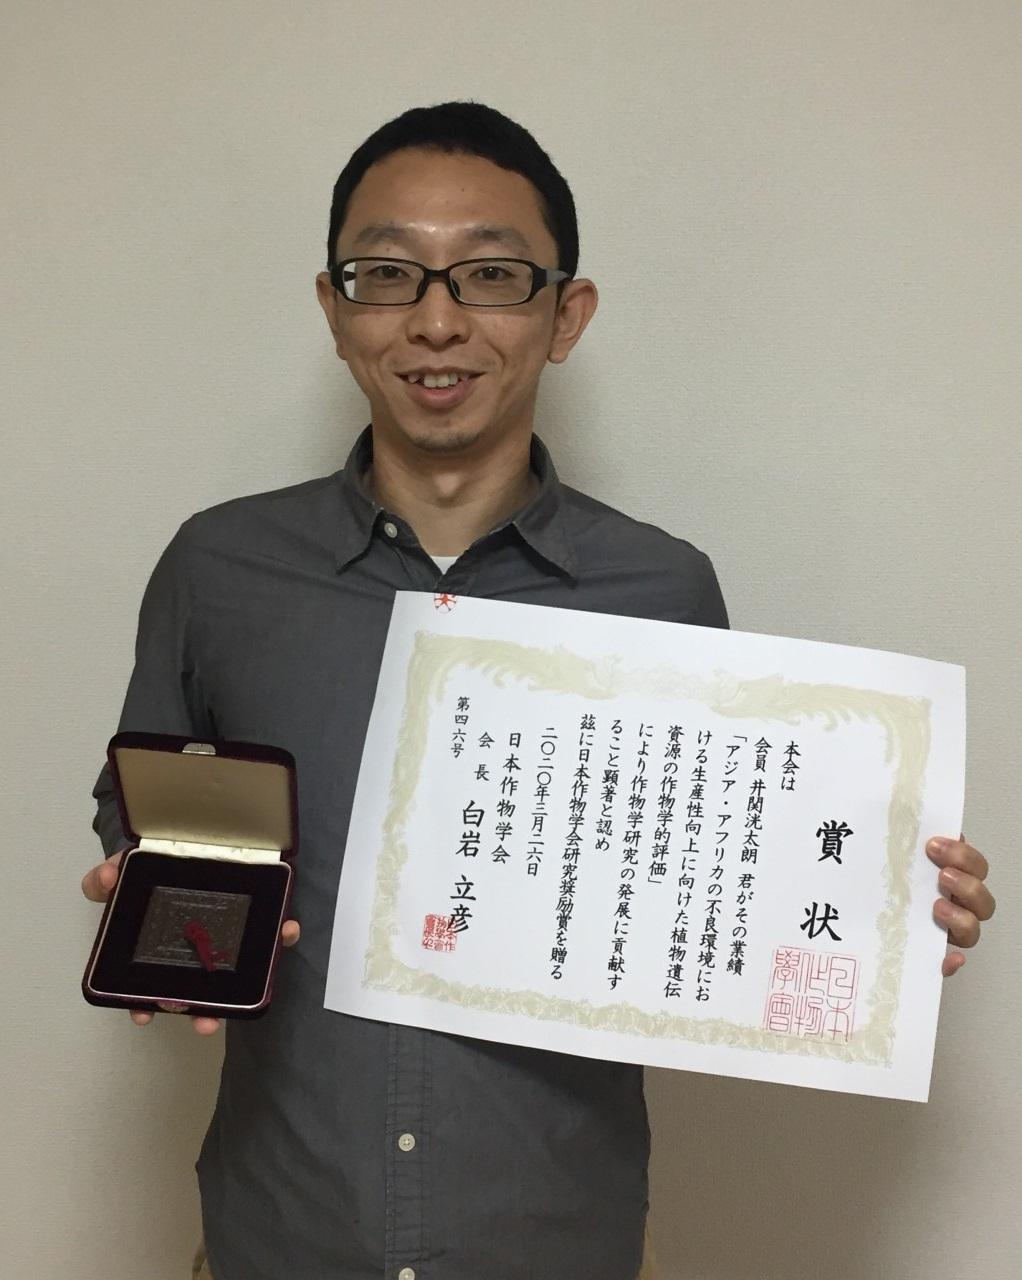 授与された賞状とメダル